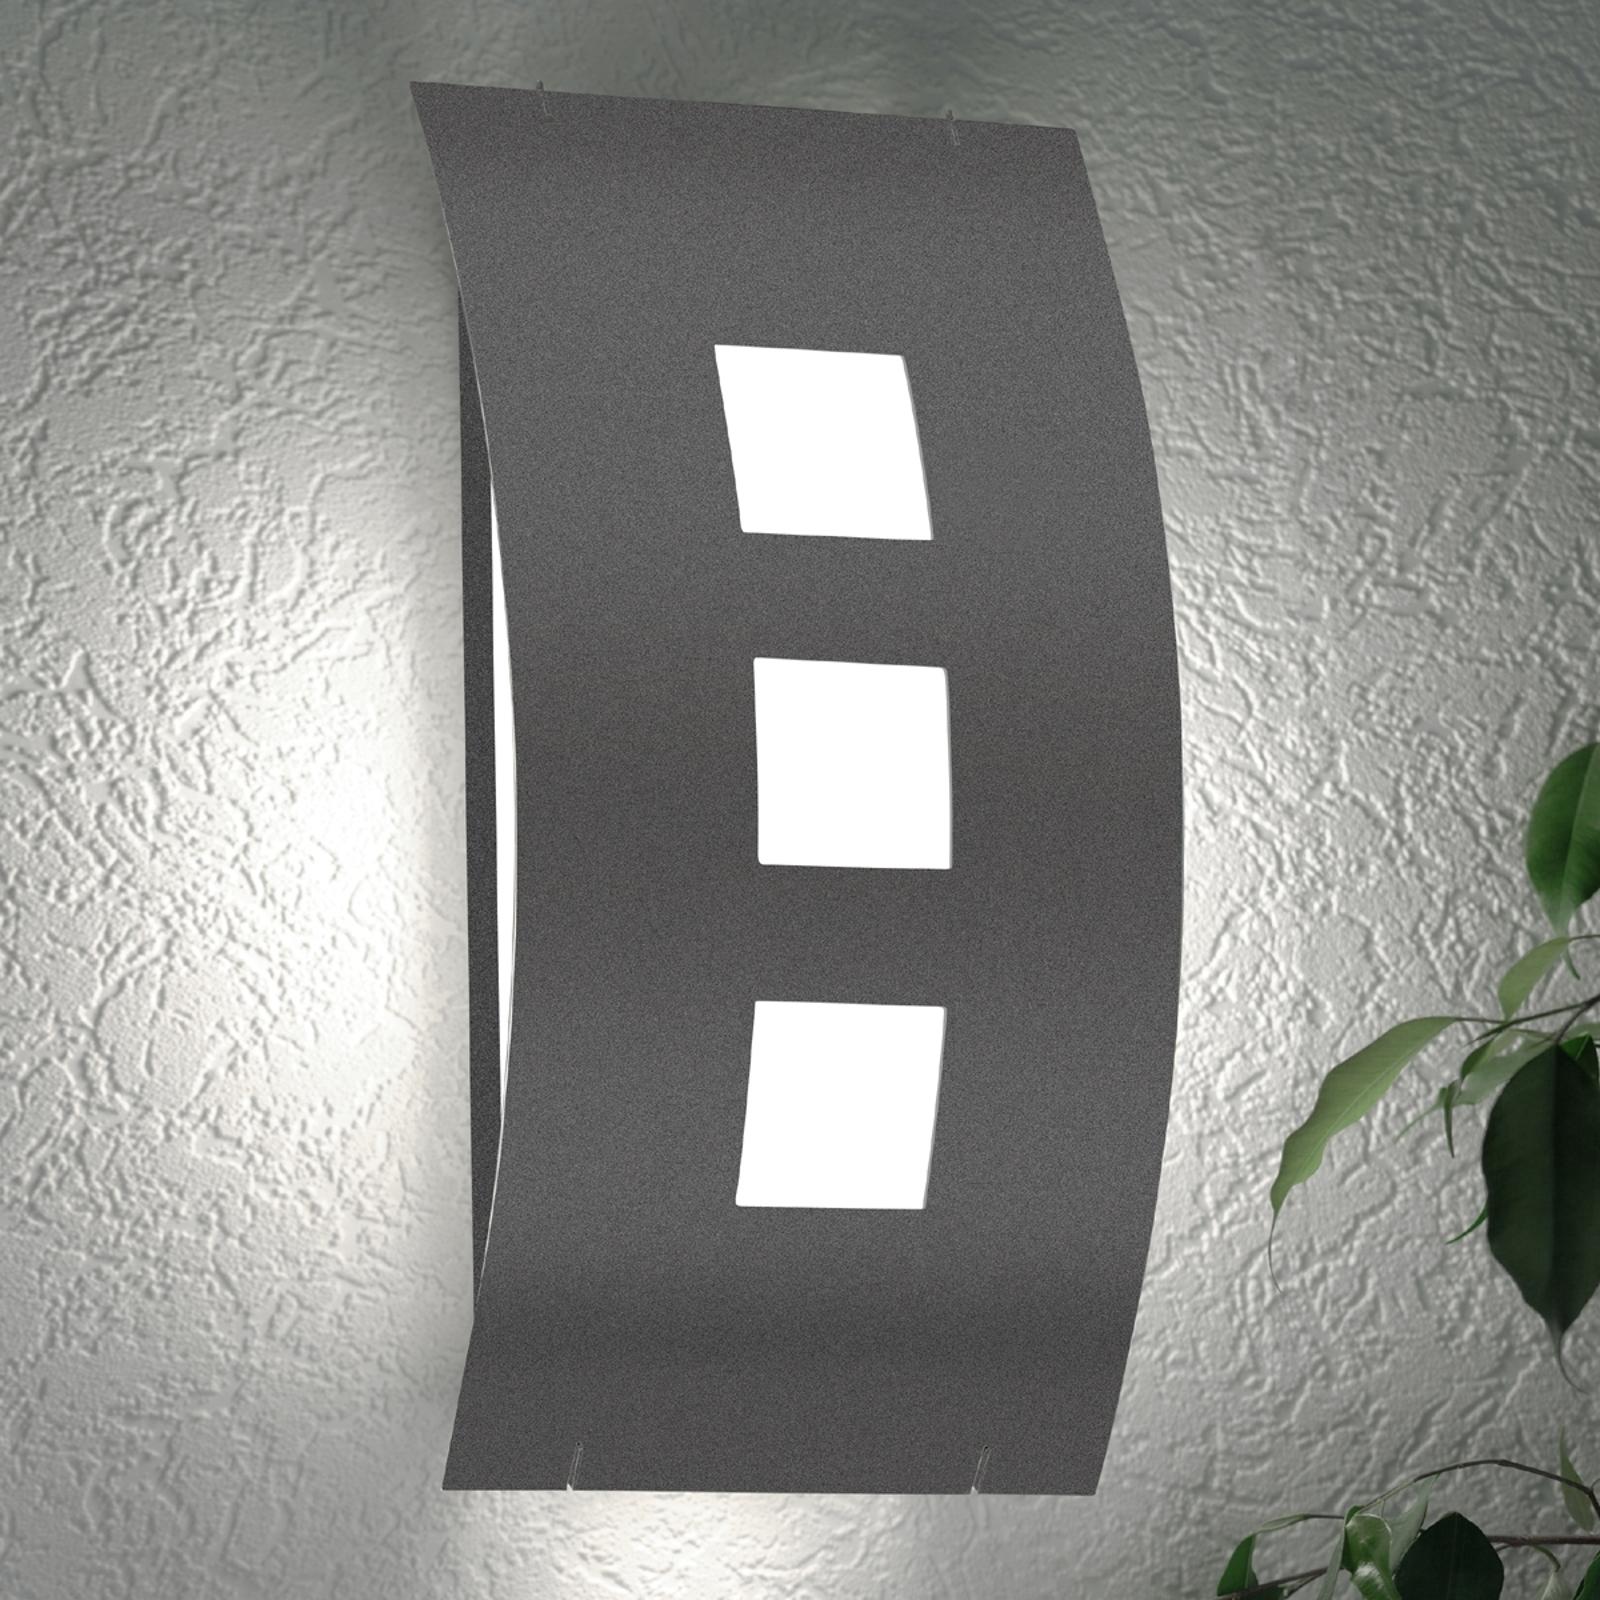 Enkel Graal udendørs væglampe uden sensor